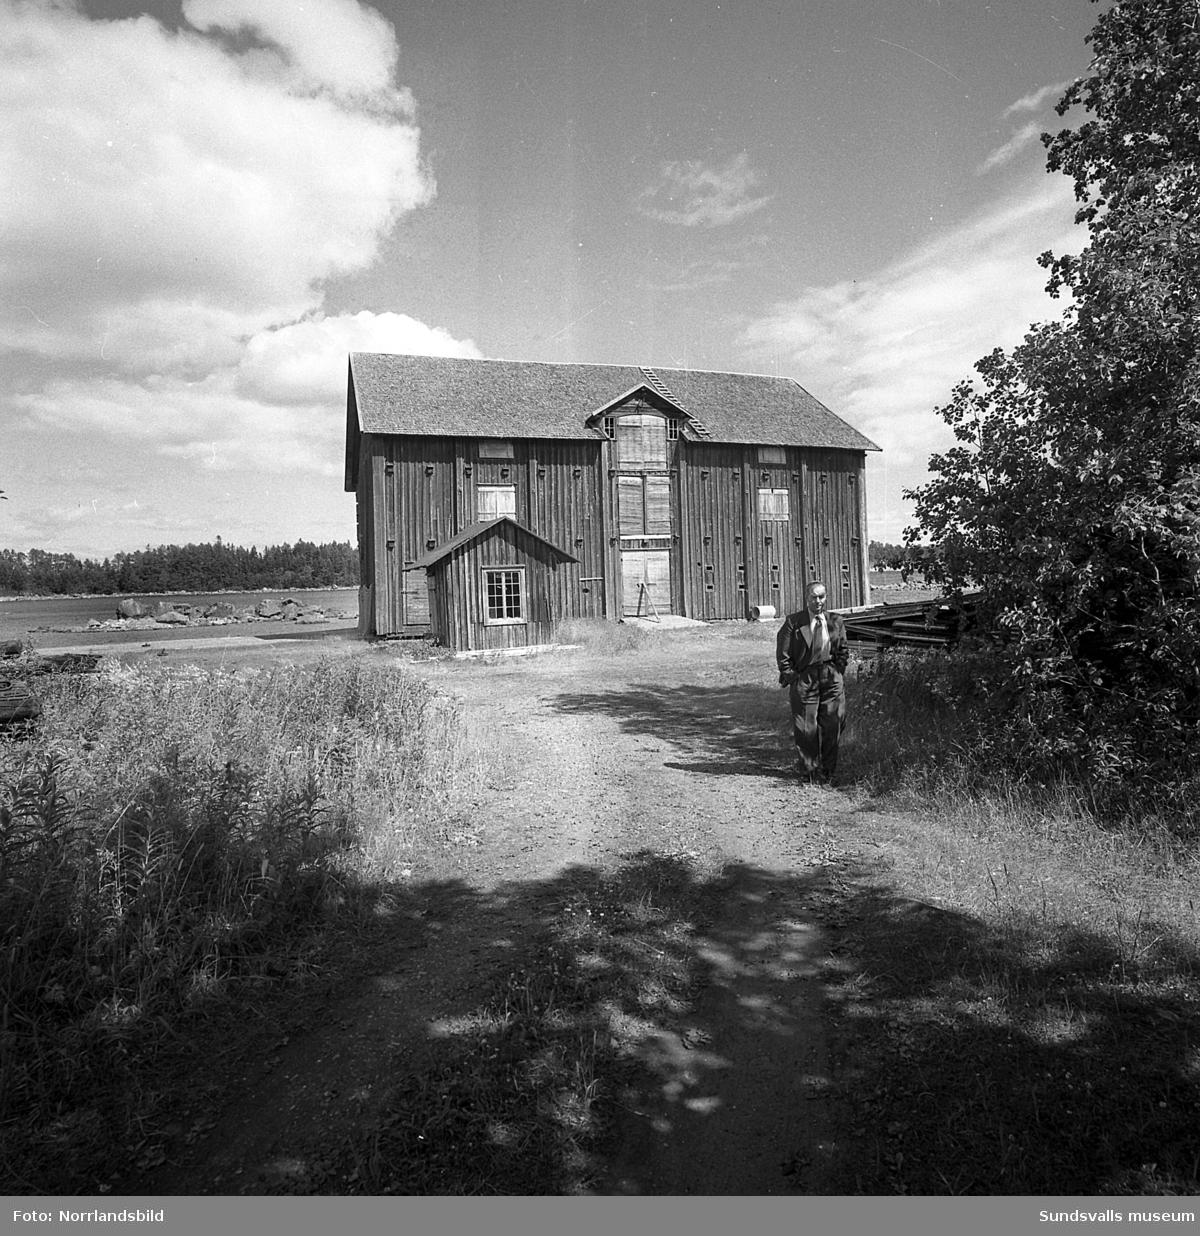 Galtströms hamn med ett gammalt magasin och den ångdrivna kranen med sin stugliknande överbyggnad.